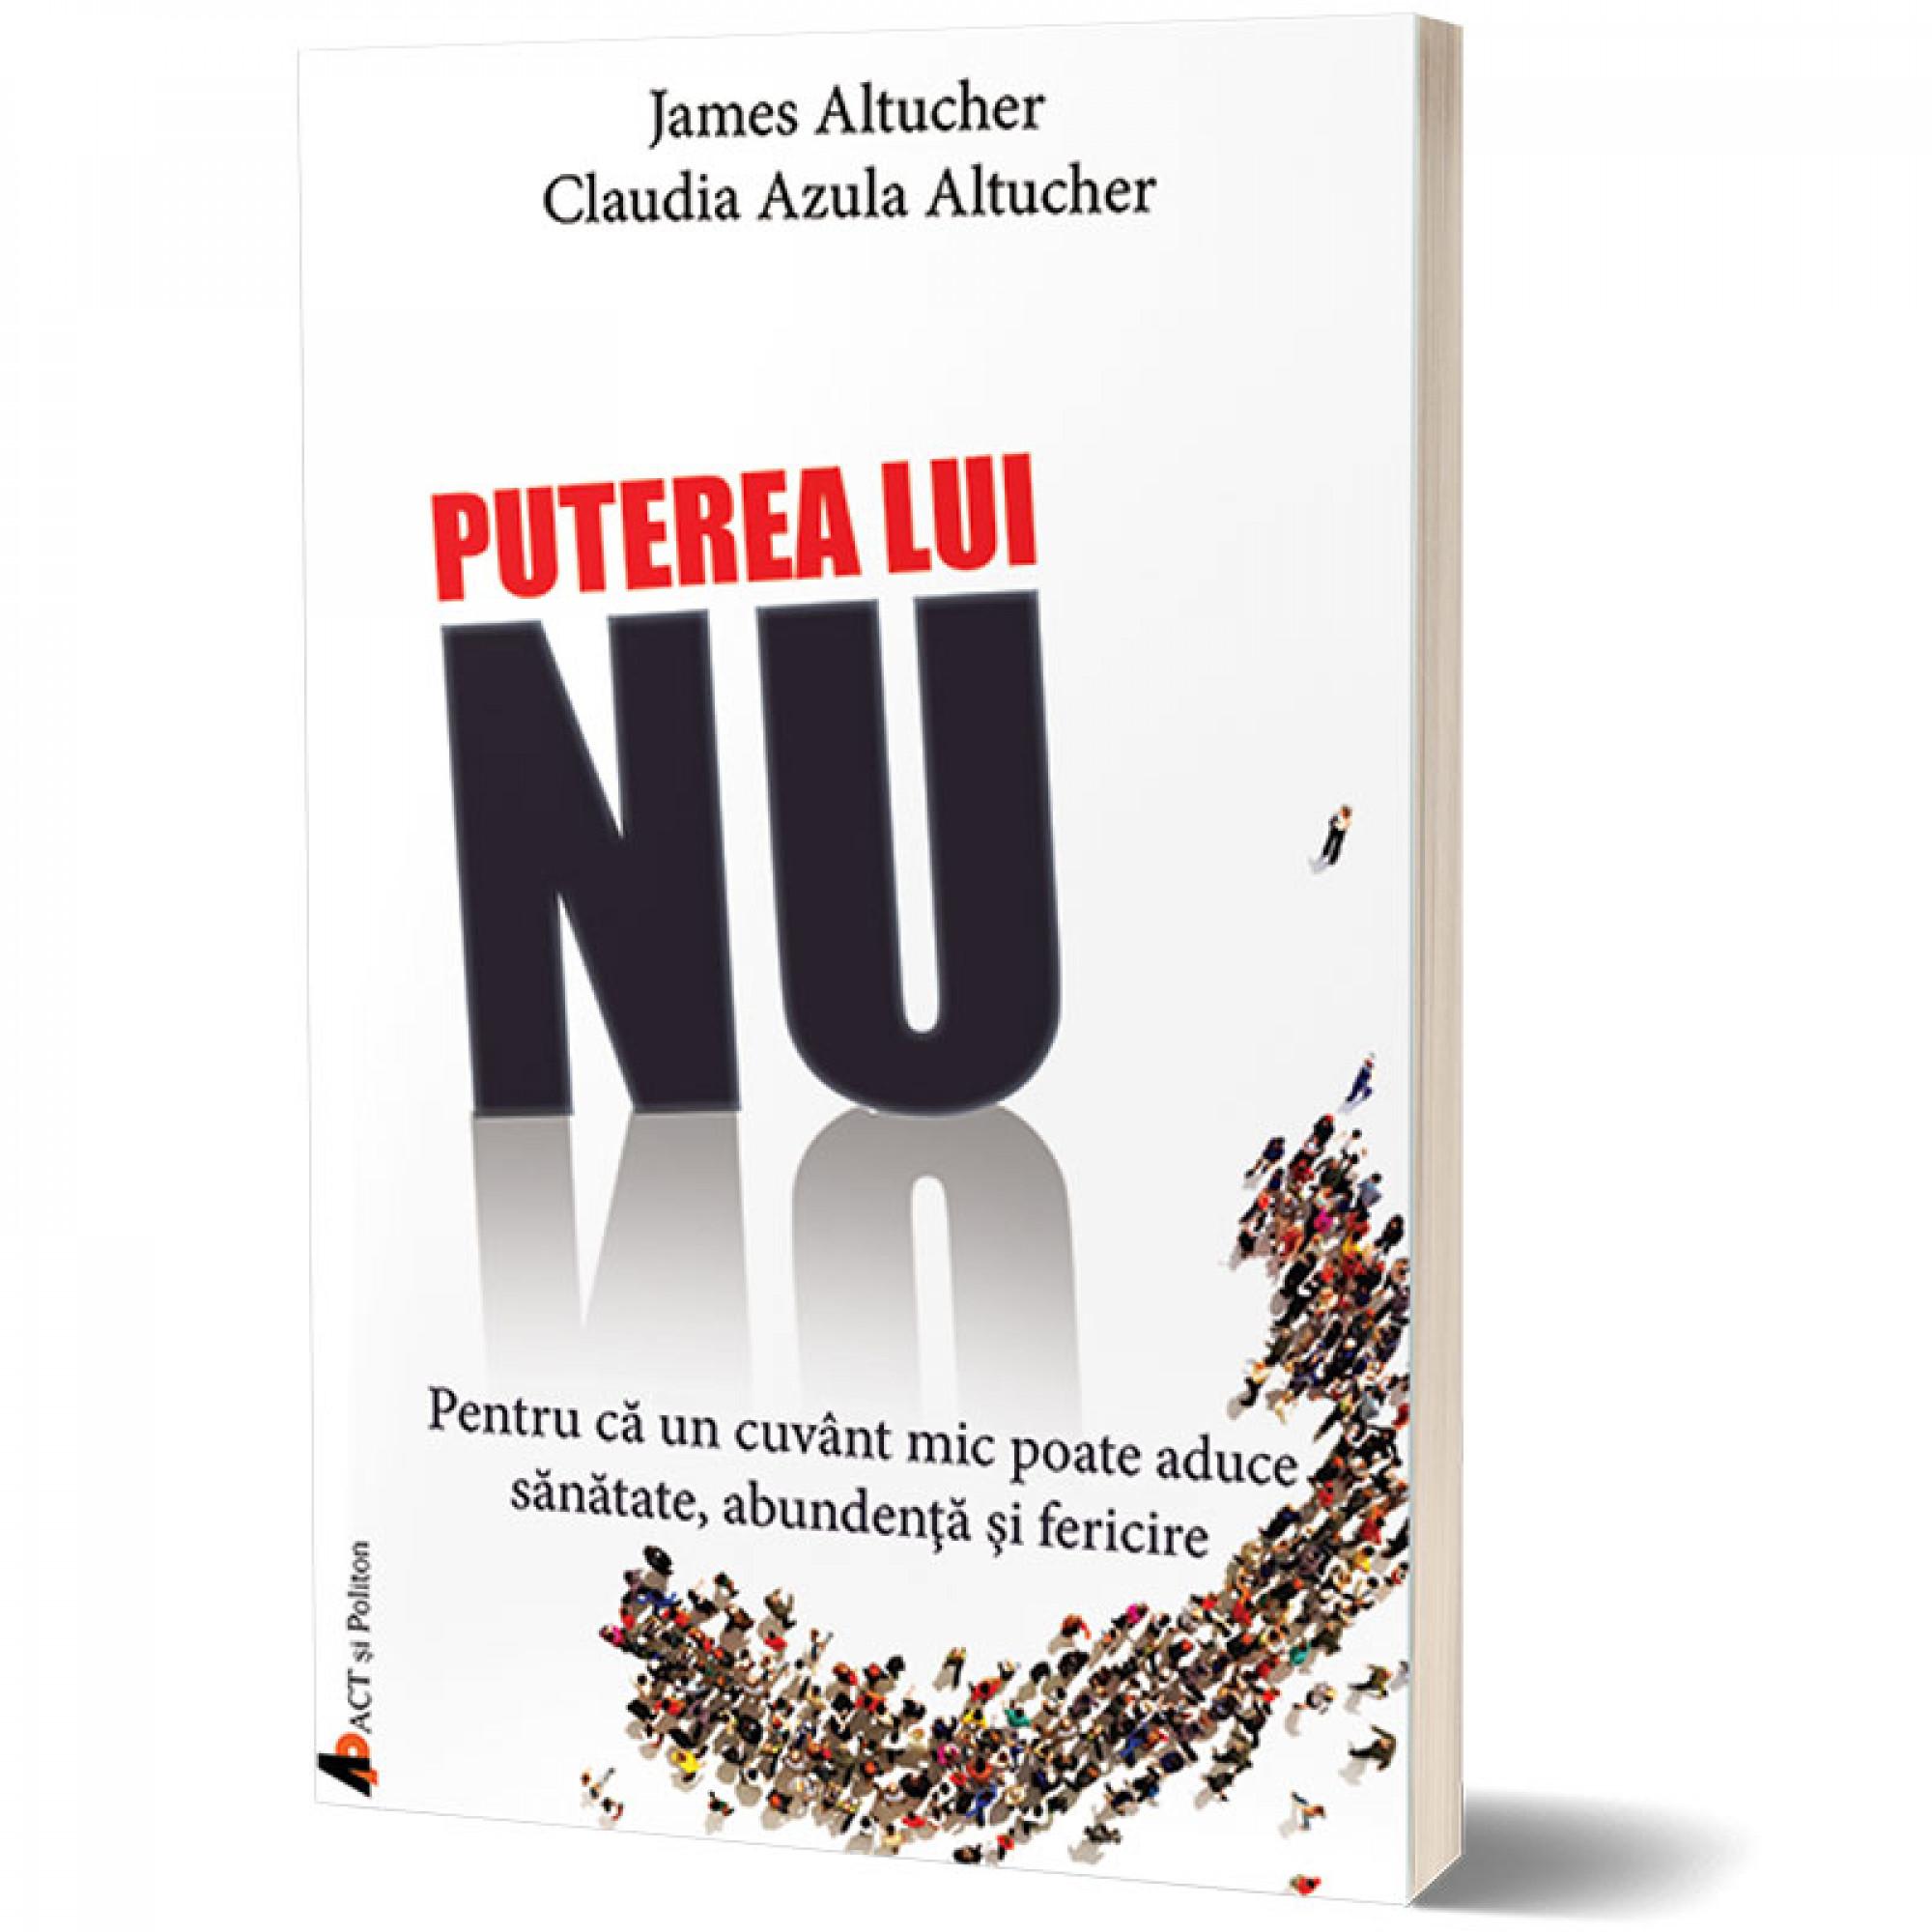 Puterea lui NU. Pentru că un cuvânt mic poate aduce sănătate, abundență și fericire; James Altucher și Claudia Azula Altucher